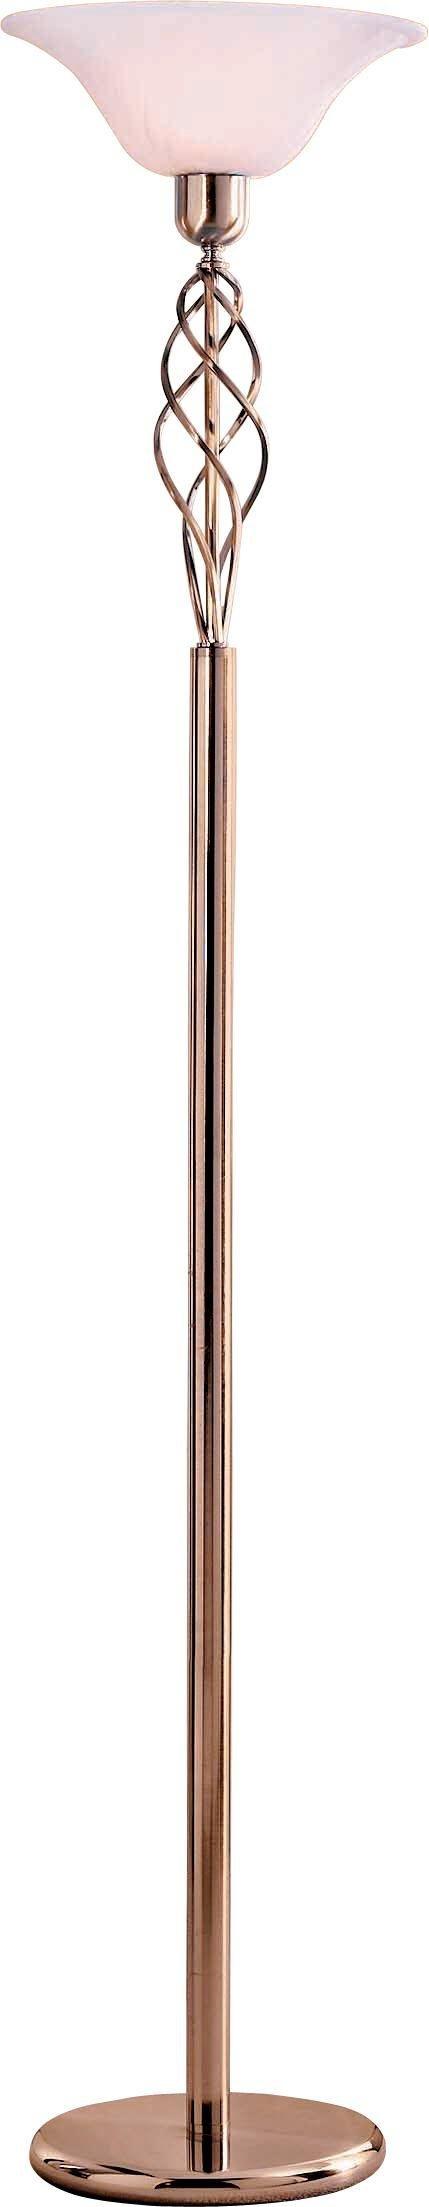 Argos Home Cameroon Uplighter Floor Lamp - Antique Brass